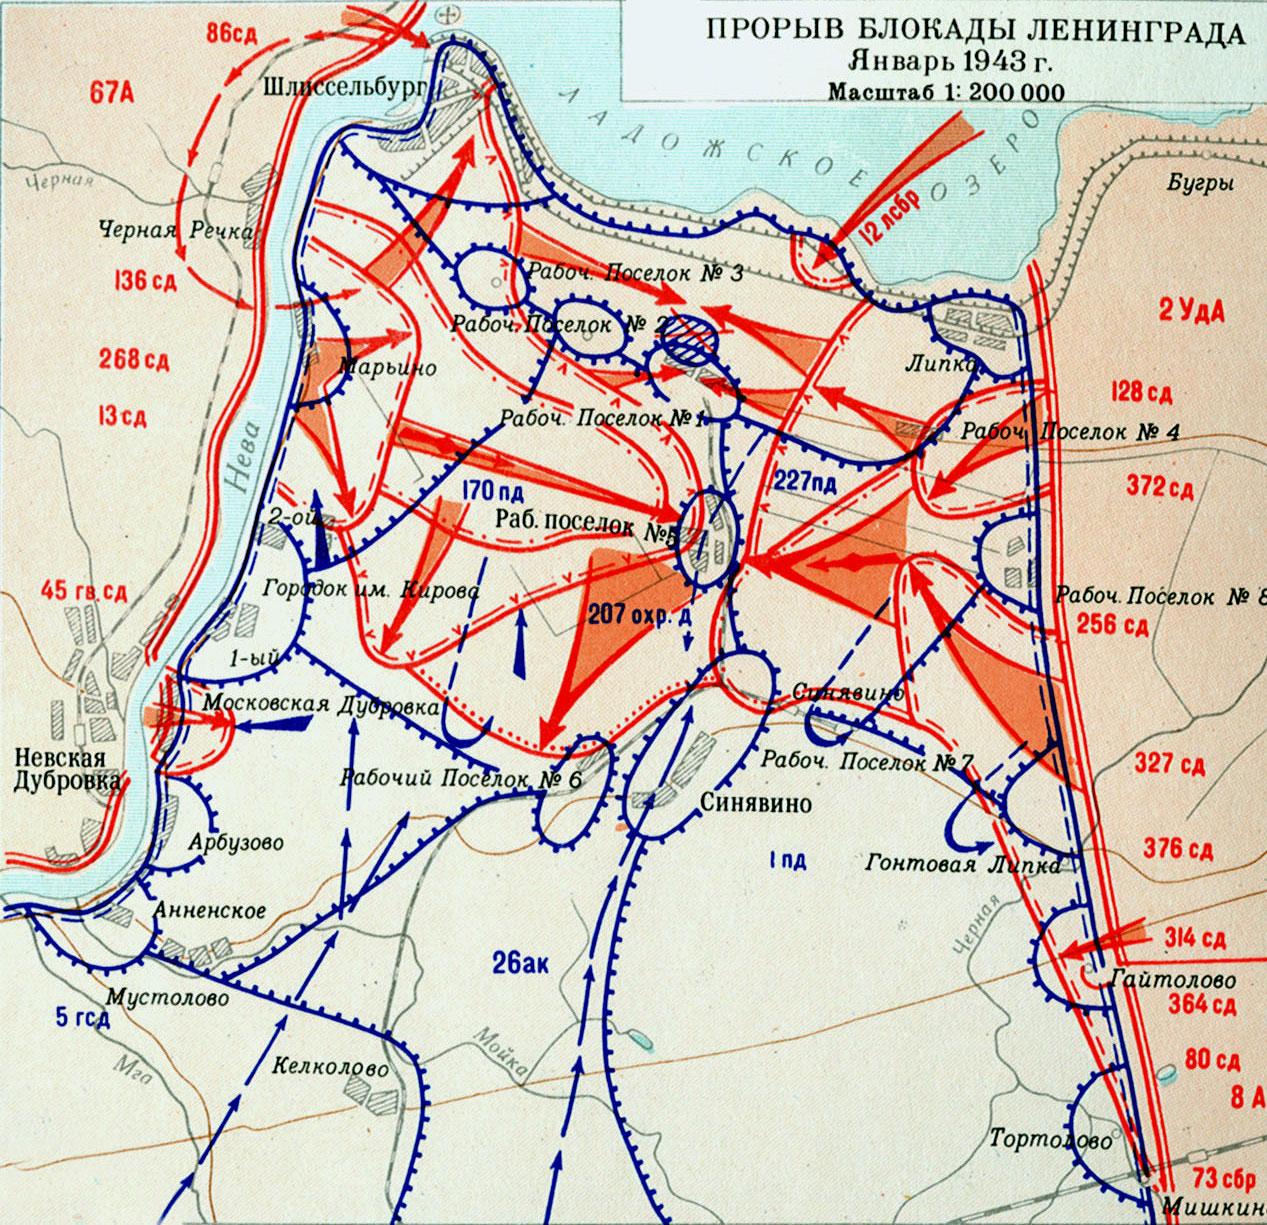 Прорыв блокады Ленинграда. Январь 1943 г.